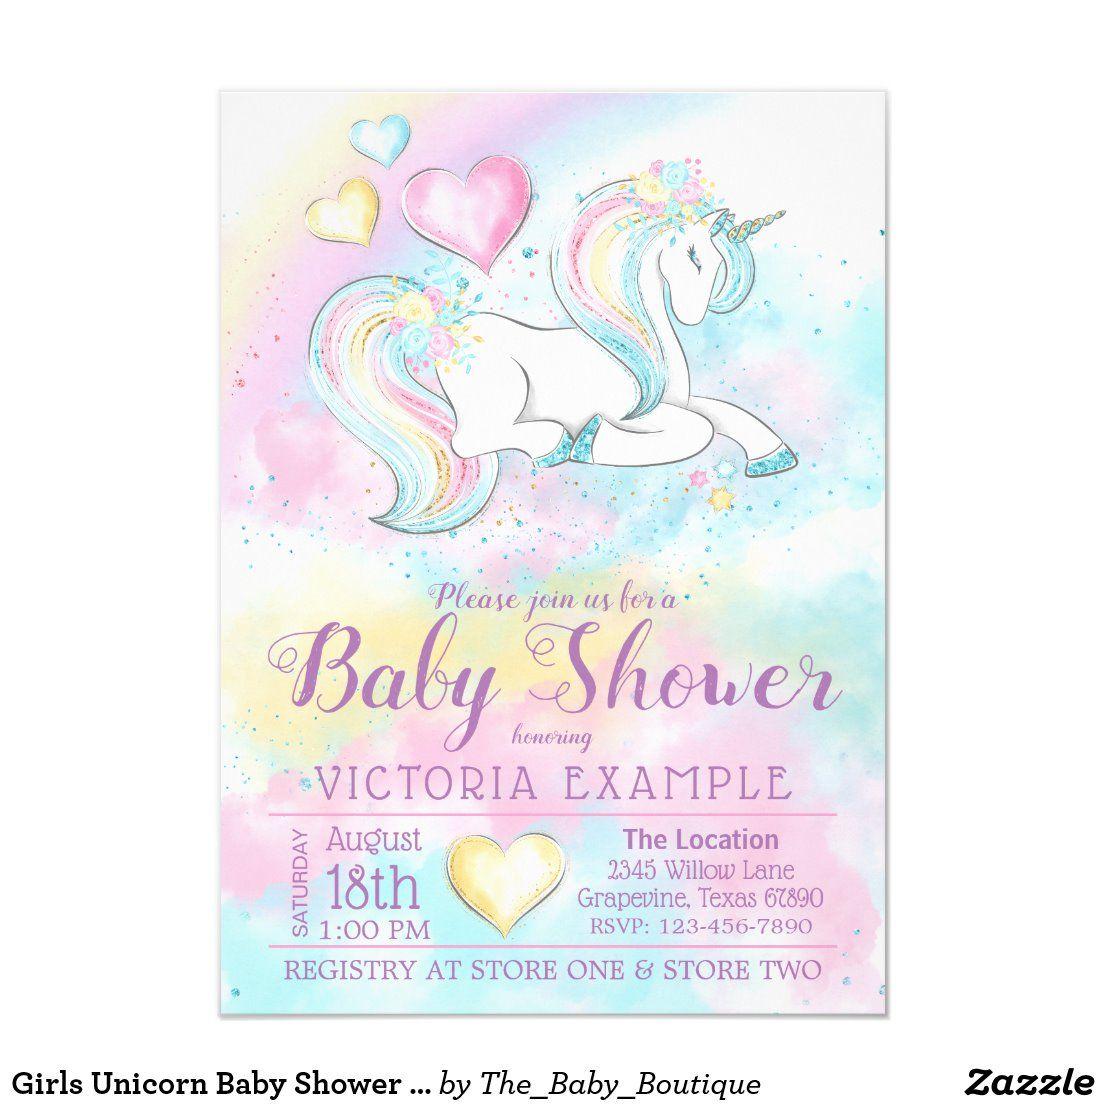 Girls Unicorn Baby Shower Invitations in 2020 Unicorn